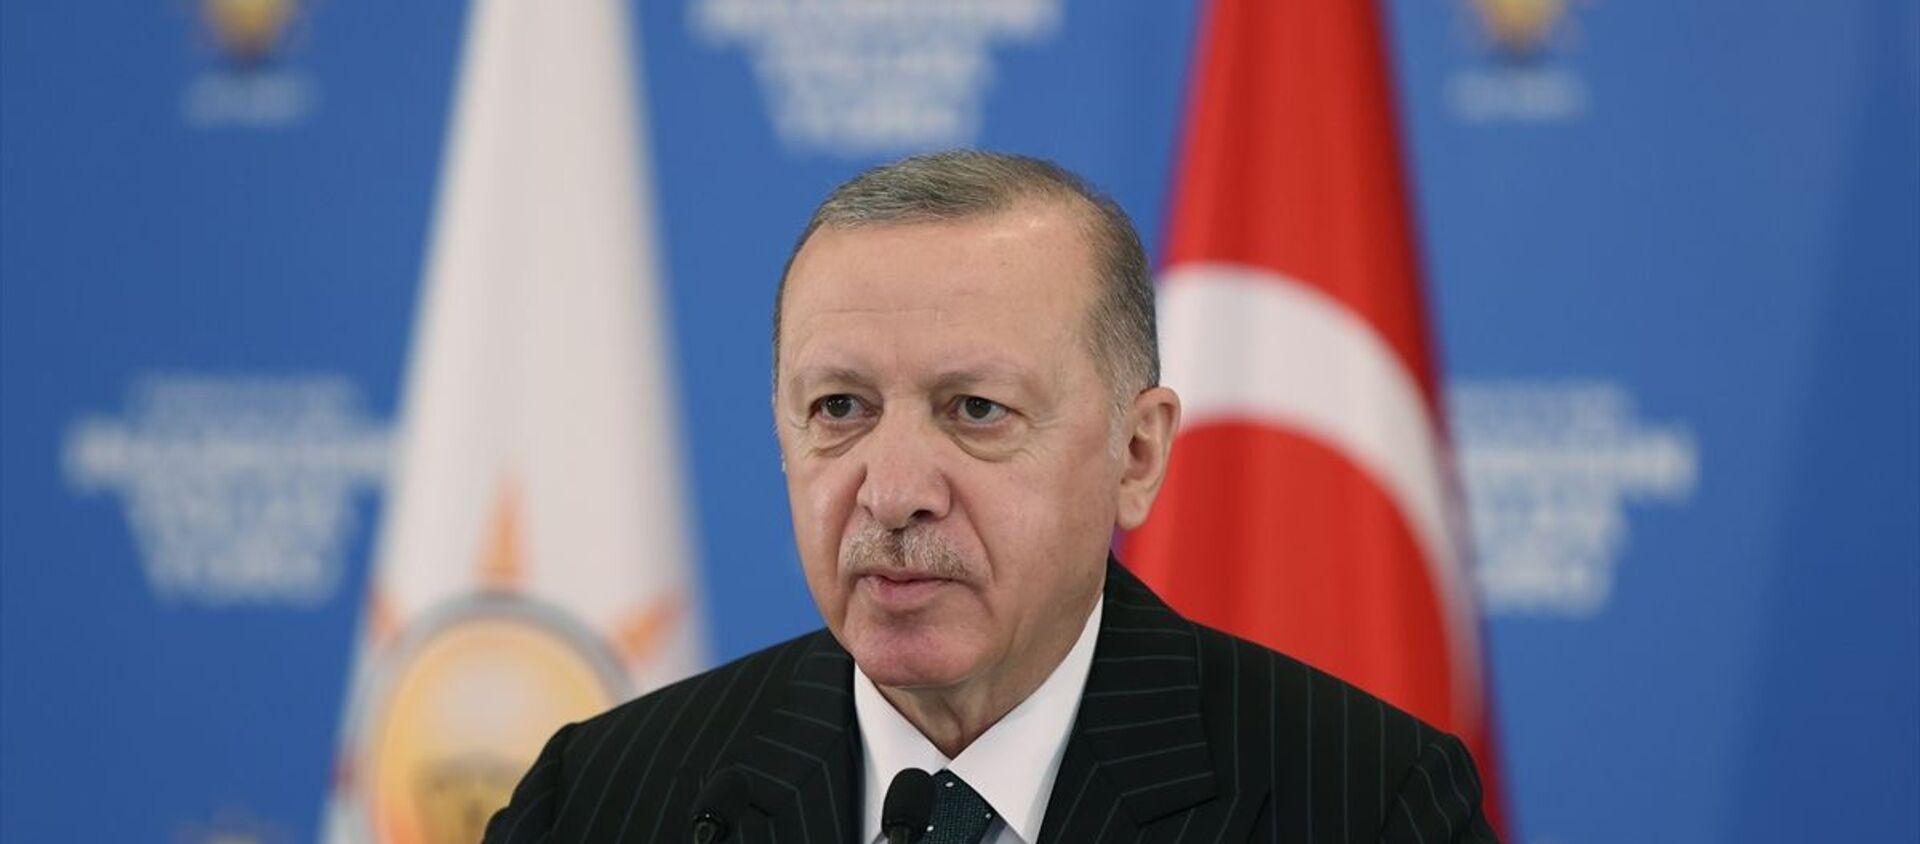 Recep Tayyip Erdoğan - Sputnik Türkiye, 1920, 12.02.2021